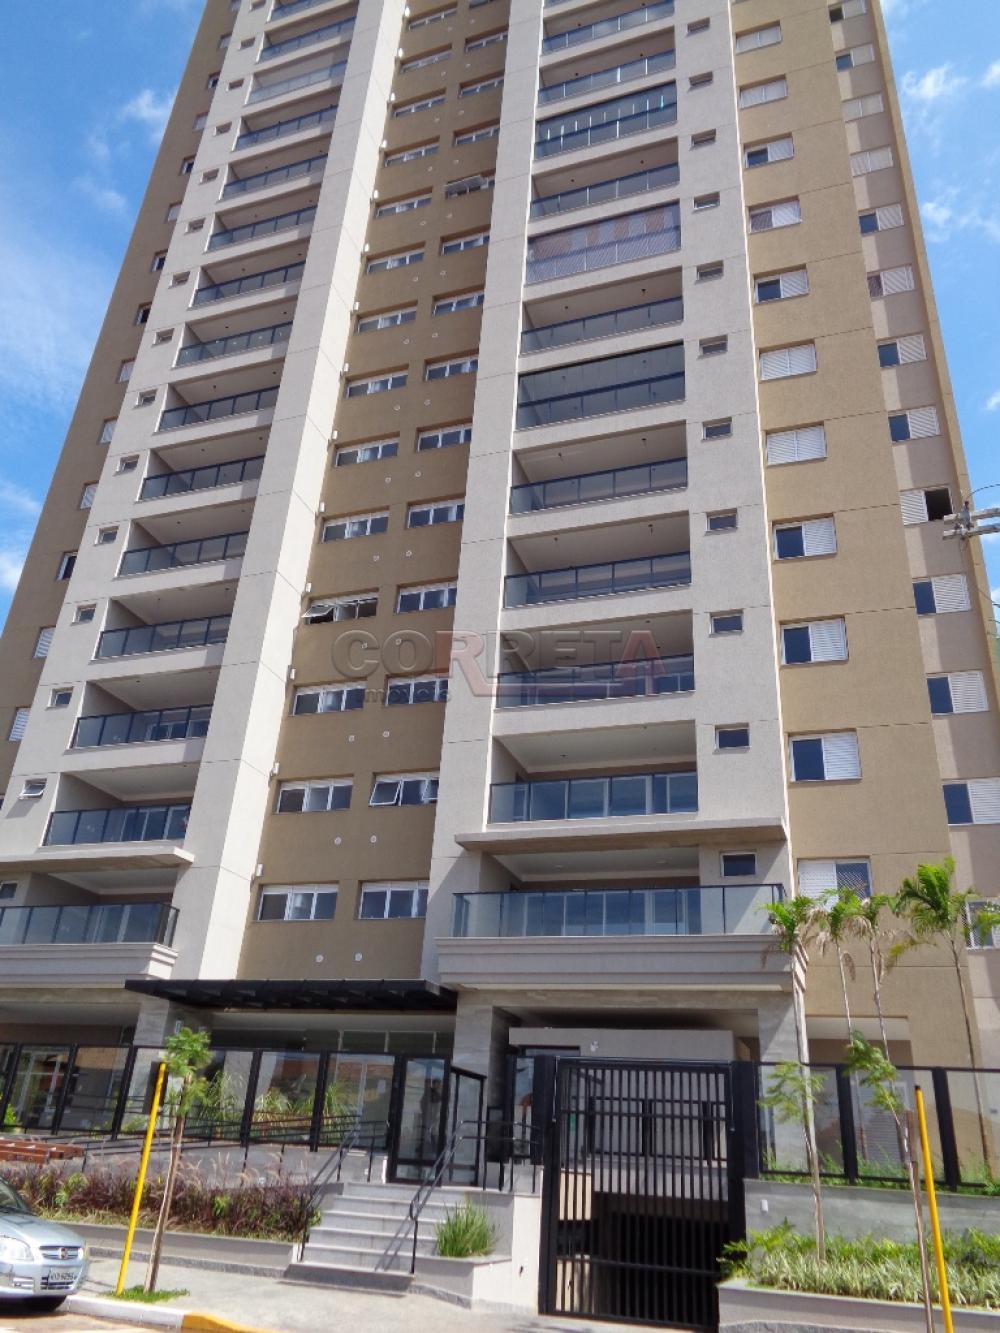 Aracatuba Apartamento Venda R$590.000,00 Condominio R$500,00 3 Dormitorios 2 Suites Area construida 120.00m2